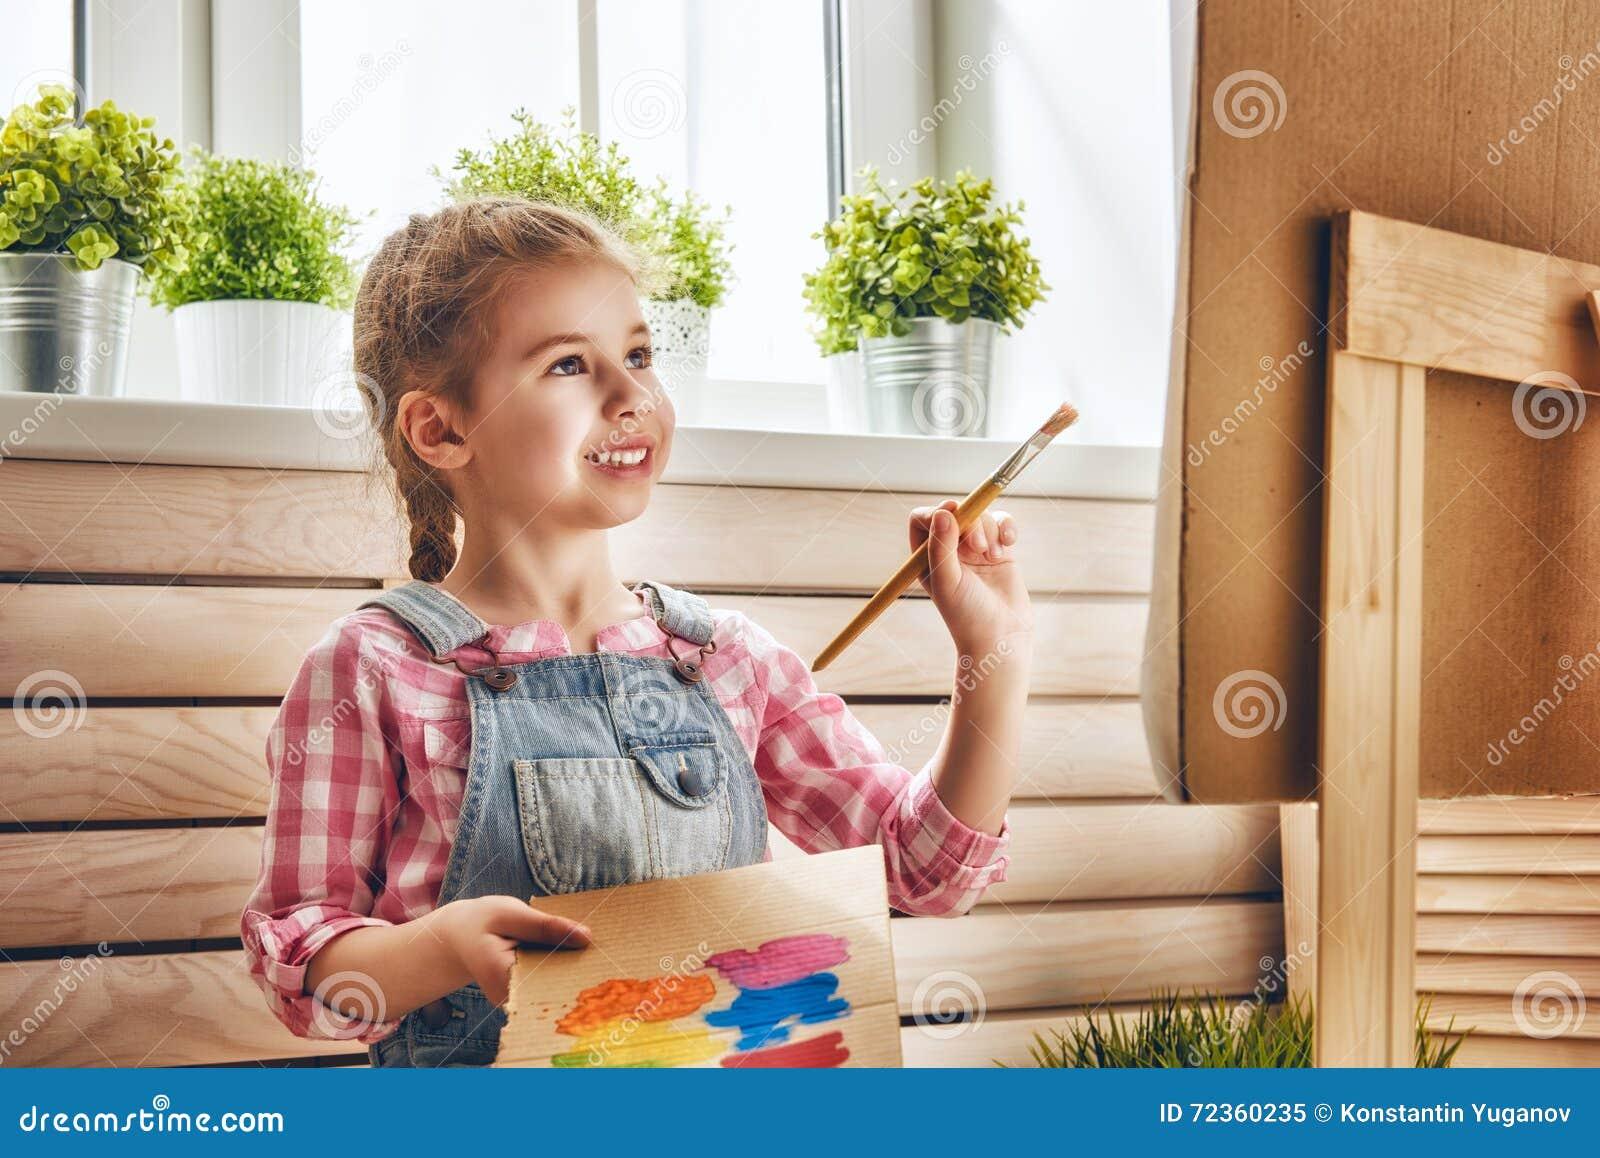 子项画油漆